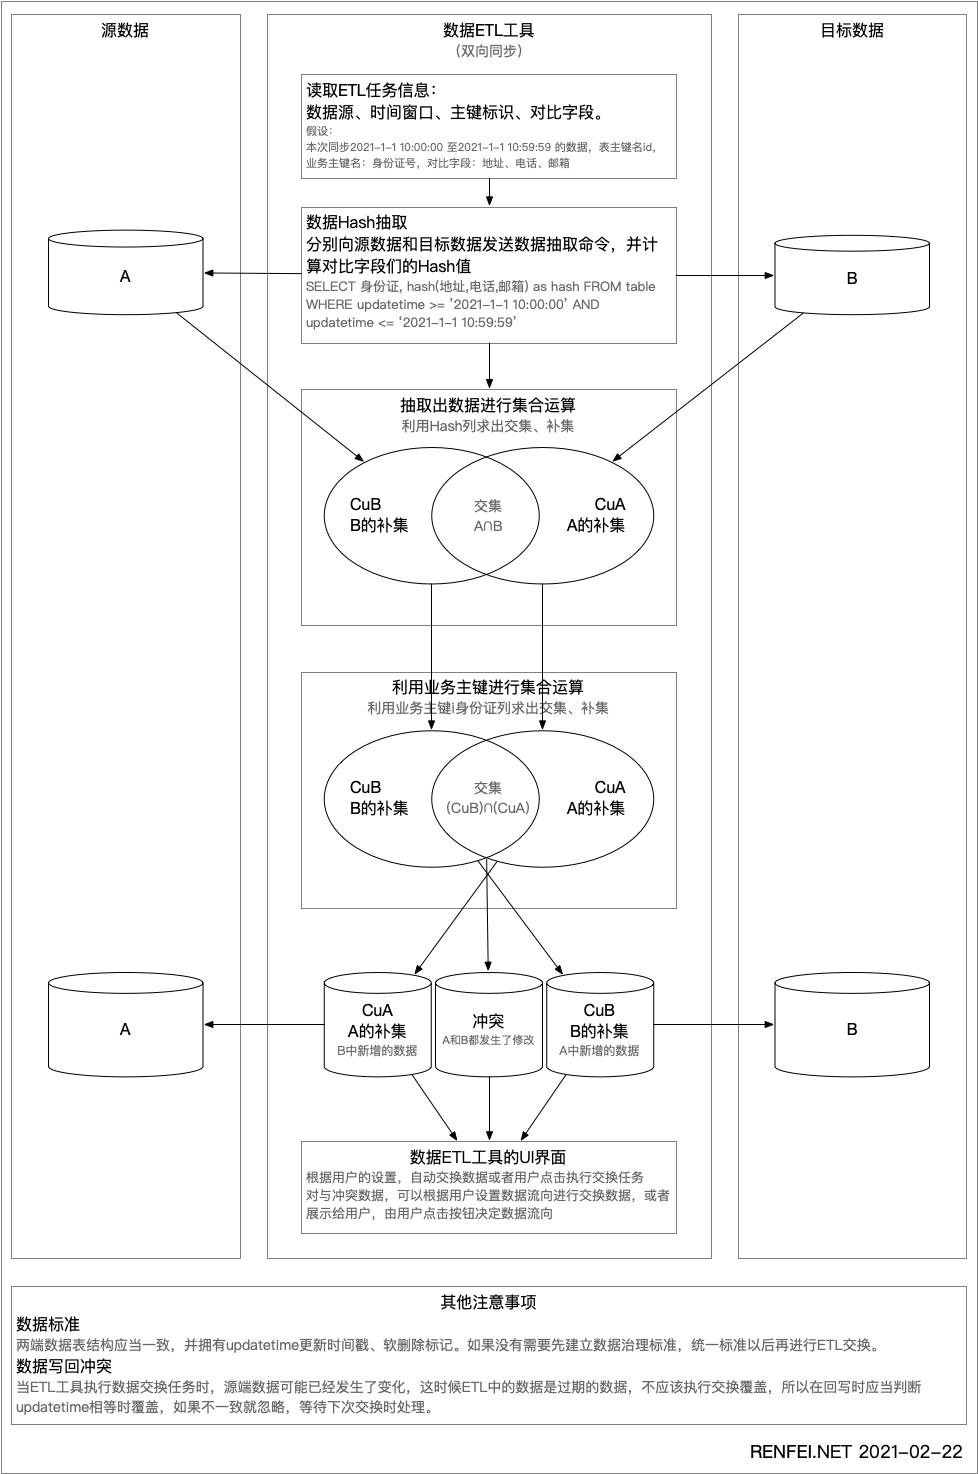 大数据ETL技术中的数据抽取方法